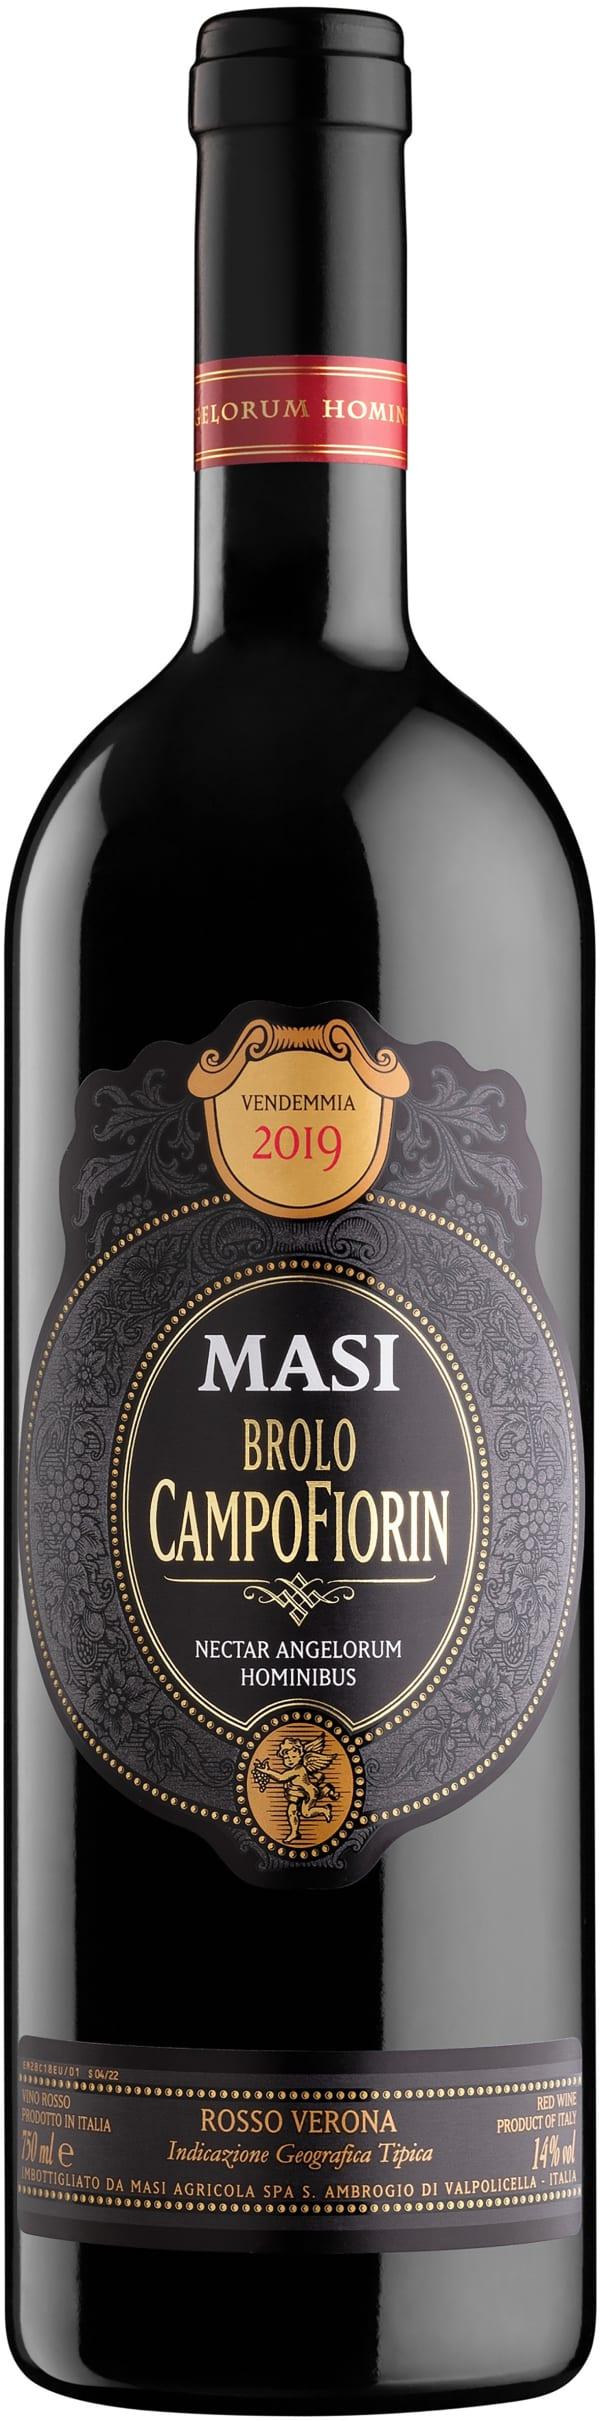 Masi Brolo Campofiorin Oro 2012